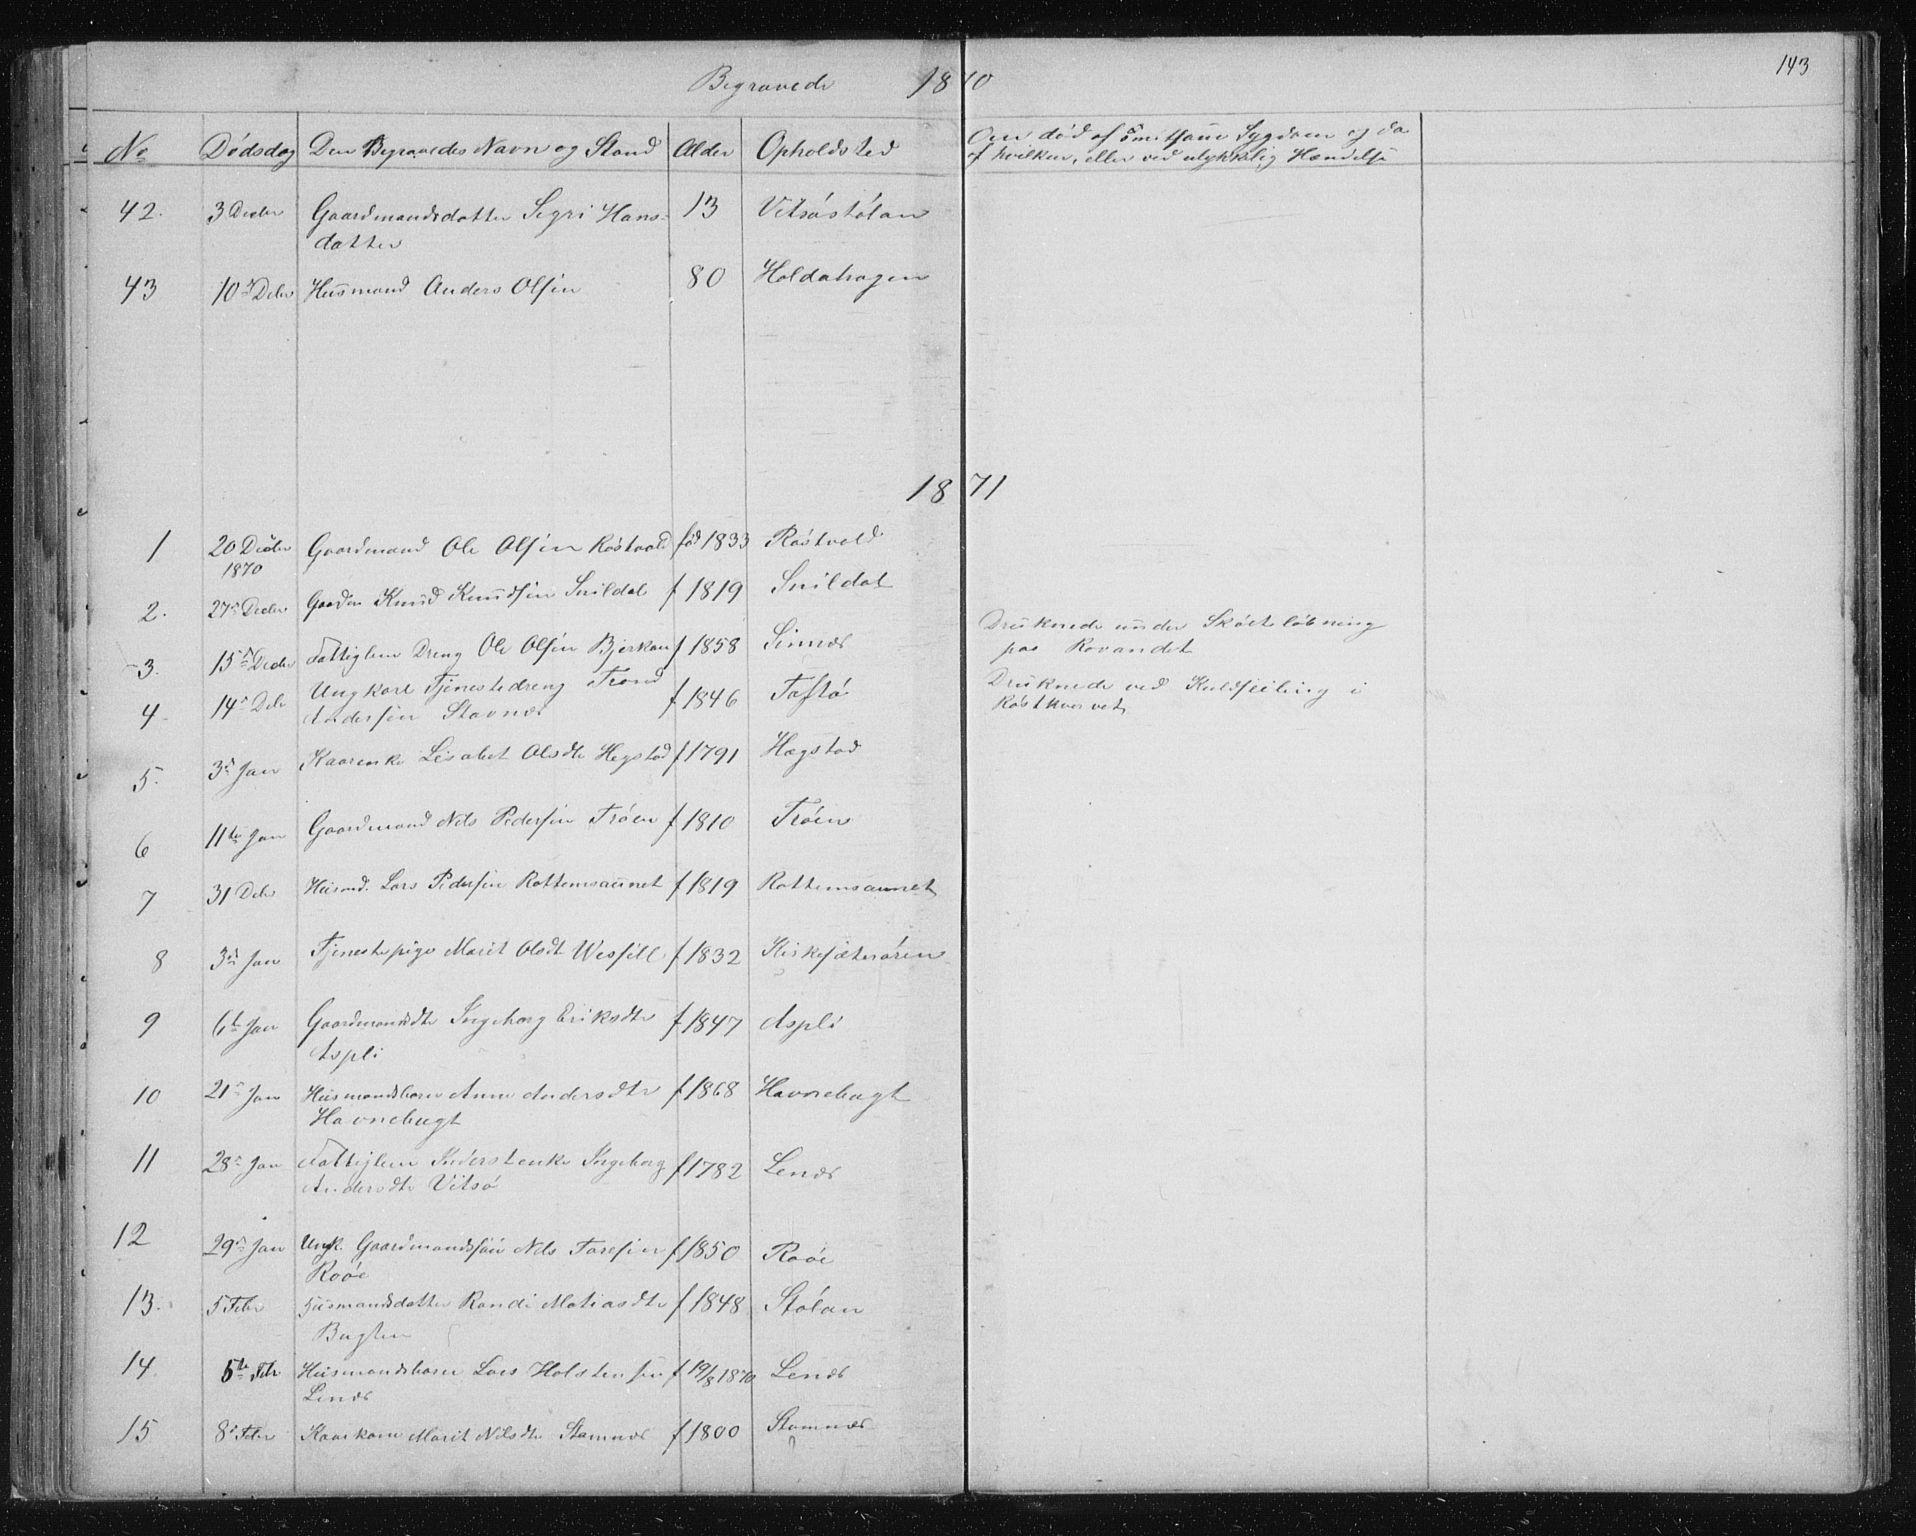 SAT, Ministerialprotokoller, klokkerbøker og fødselsregistre - Sør-Trøndelag, 630/L0503: Klokkerbok nr. 630C01, 1869-1878, s. 143